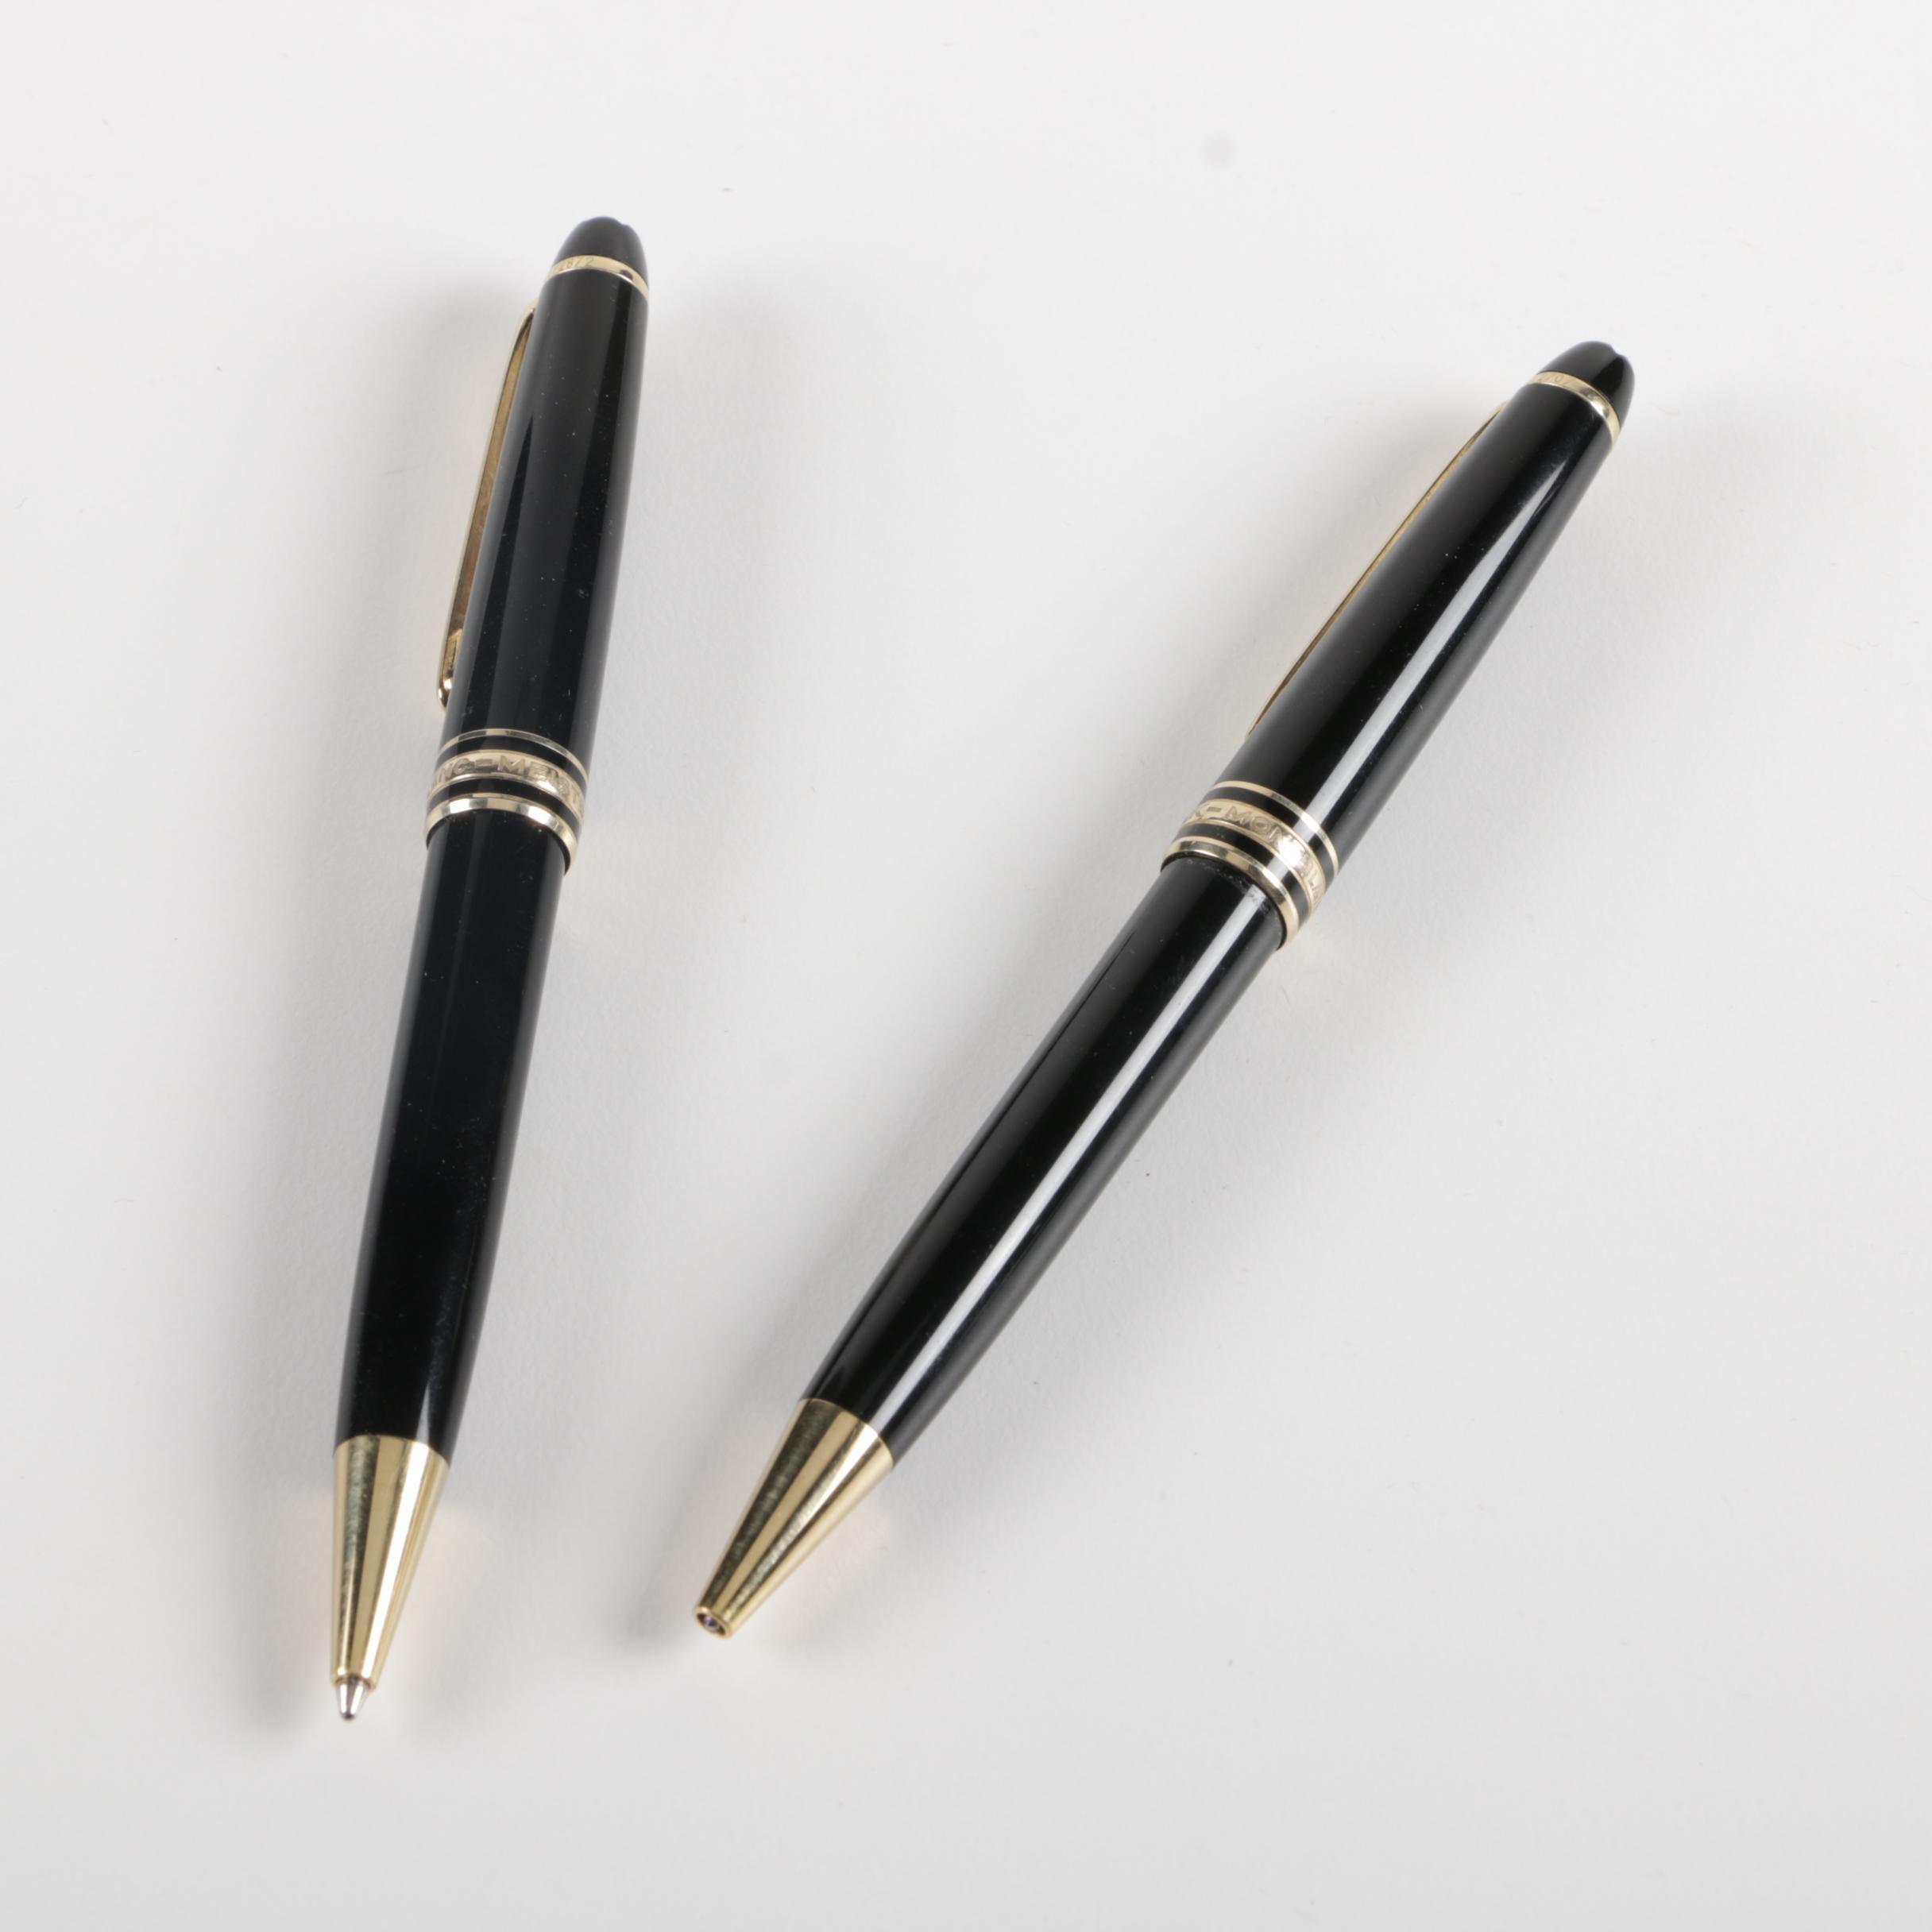 Montblanc Retractable Pens